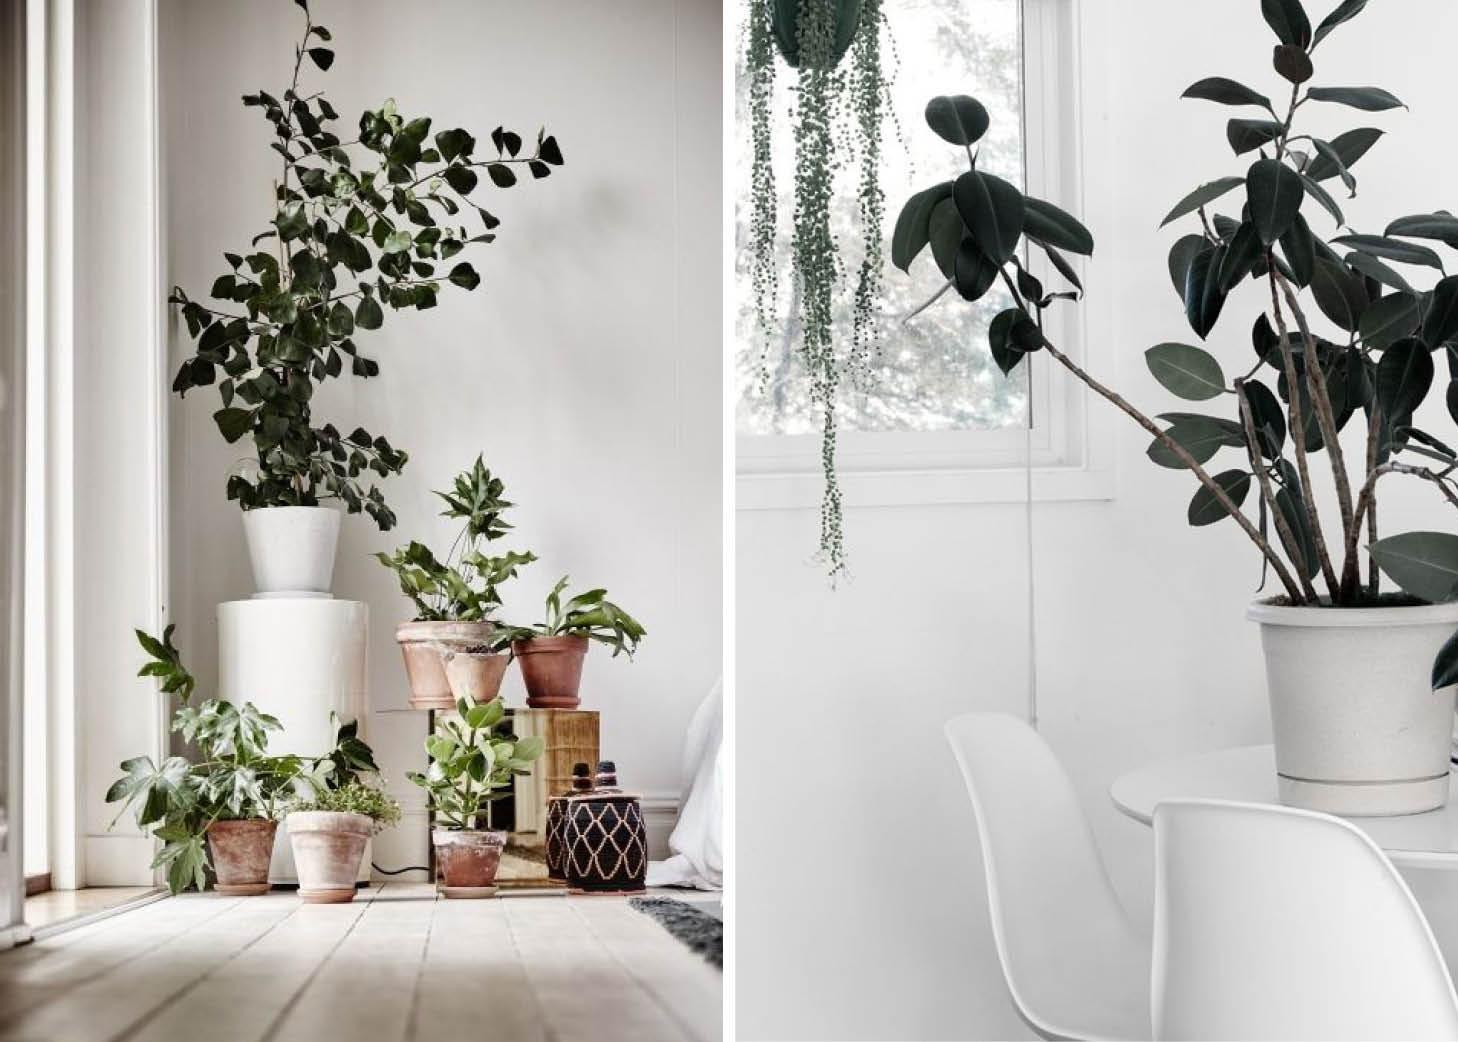 Πρασινίστε το σπίτι σας με φυτά εσωτερικού χώρου